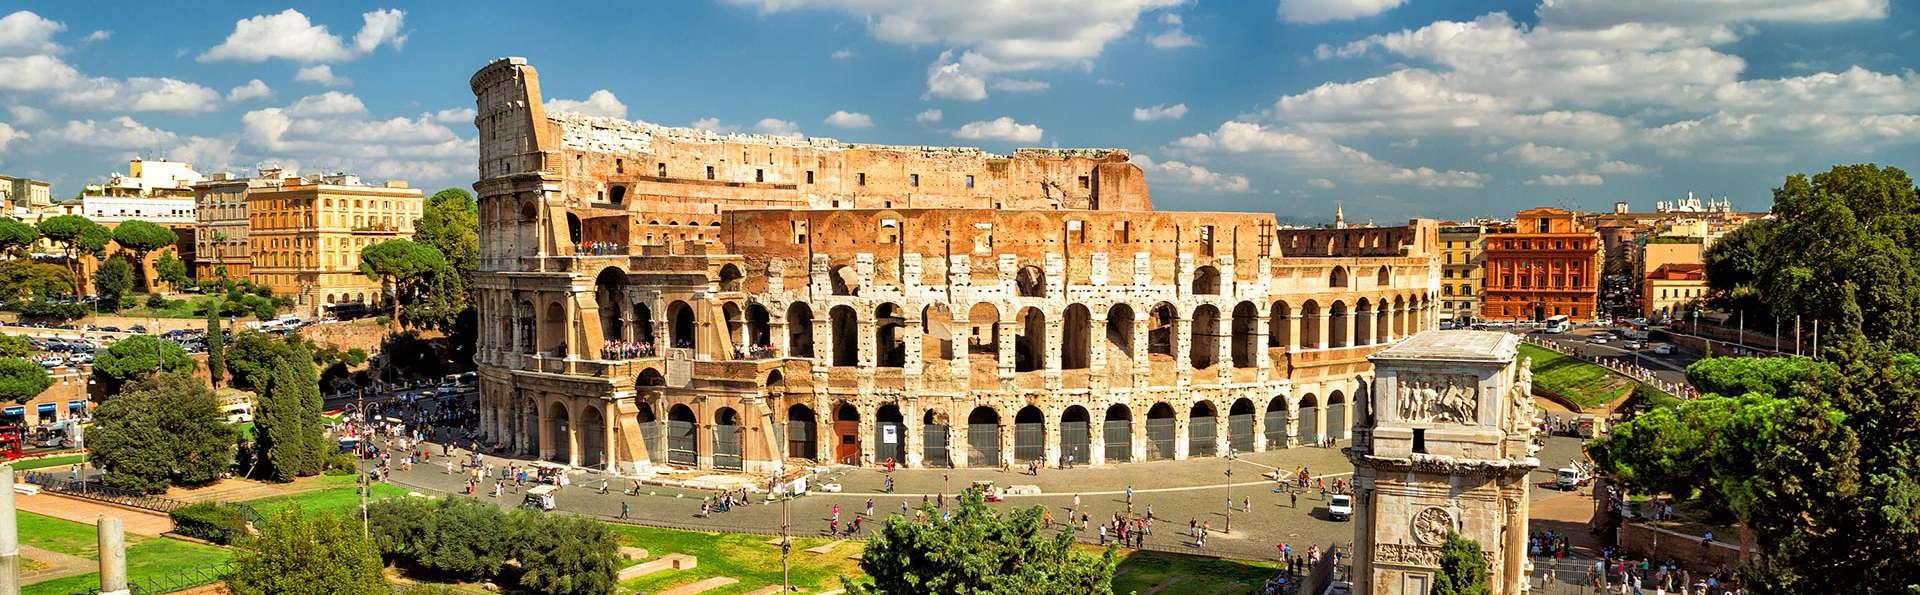 ¡Visita el Coliseo! Noche a las puertas de Roma y entrada para el Anfiteatro Flavia